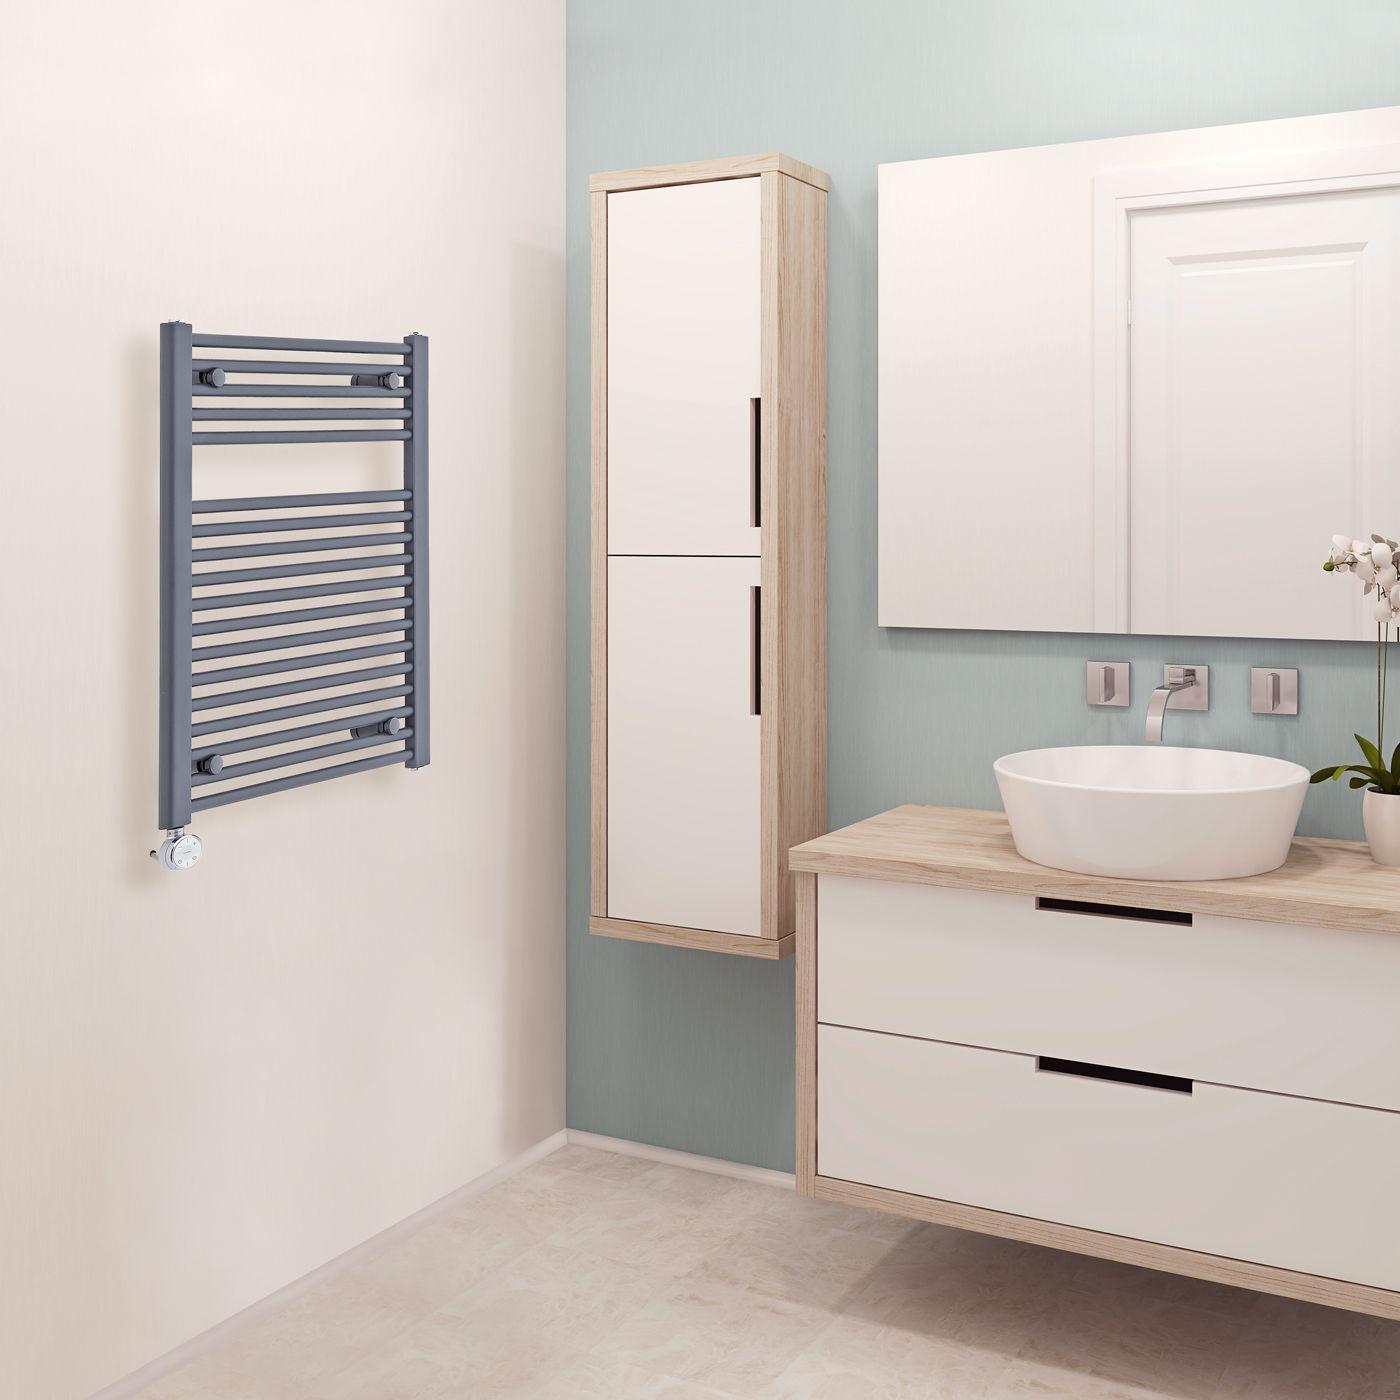 Radiador toallero el ctrico plano antracita 800mm x - Radiador electrico bano ...